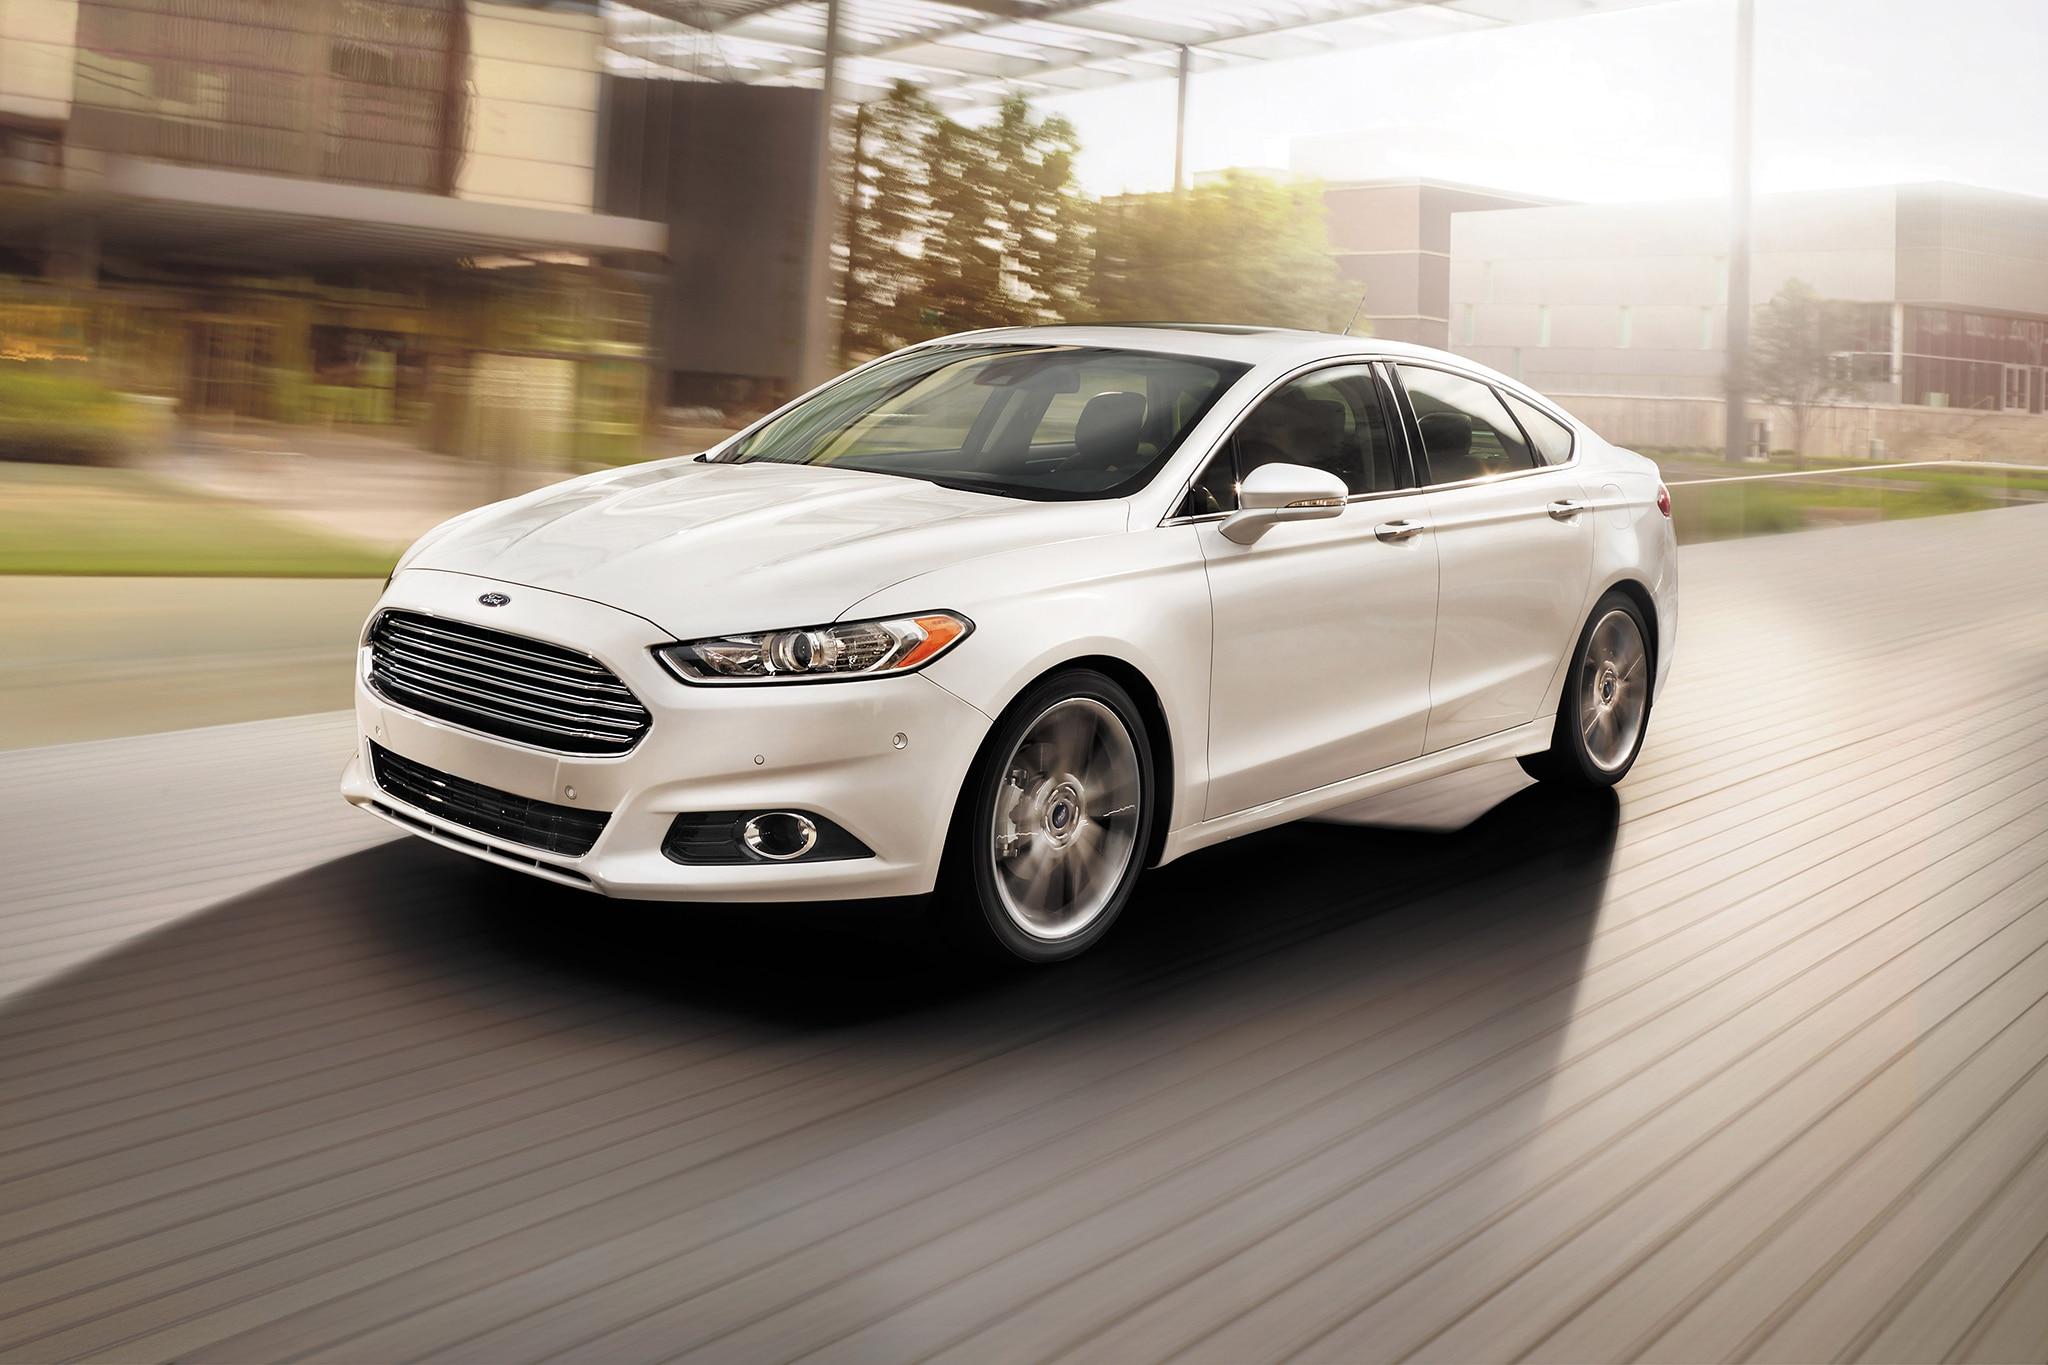 2014 Ford Fusion Three Quarters 11